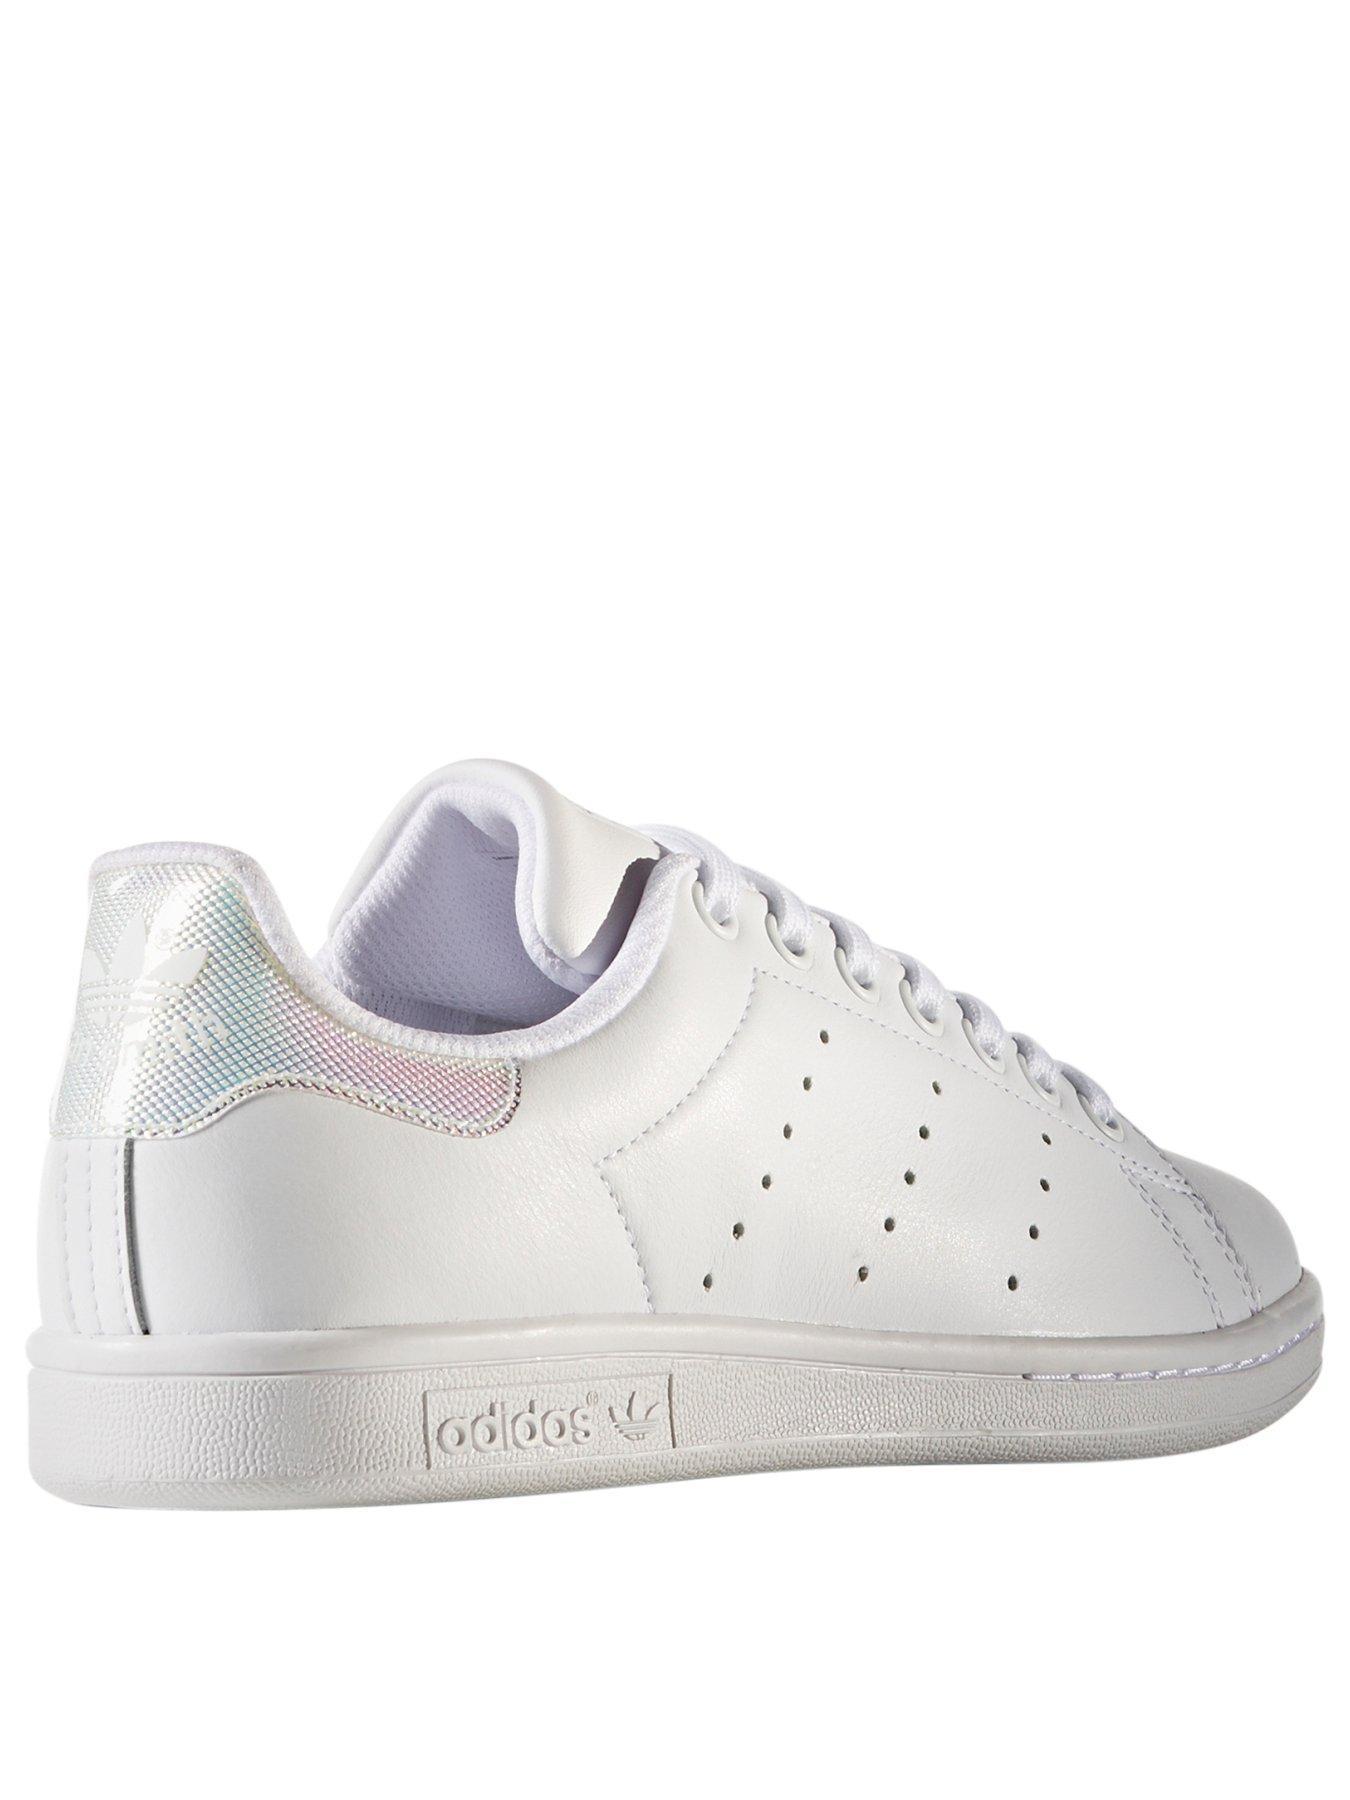 Adidas Originali Di Stan Smith / Iridescente Bianco